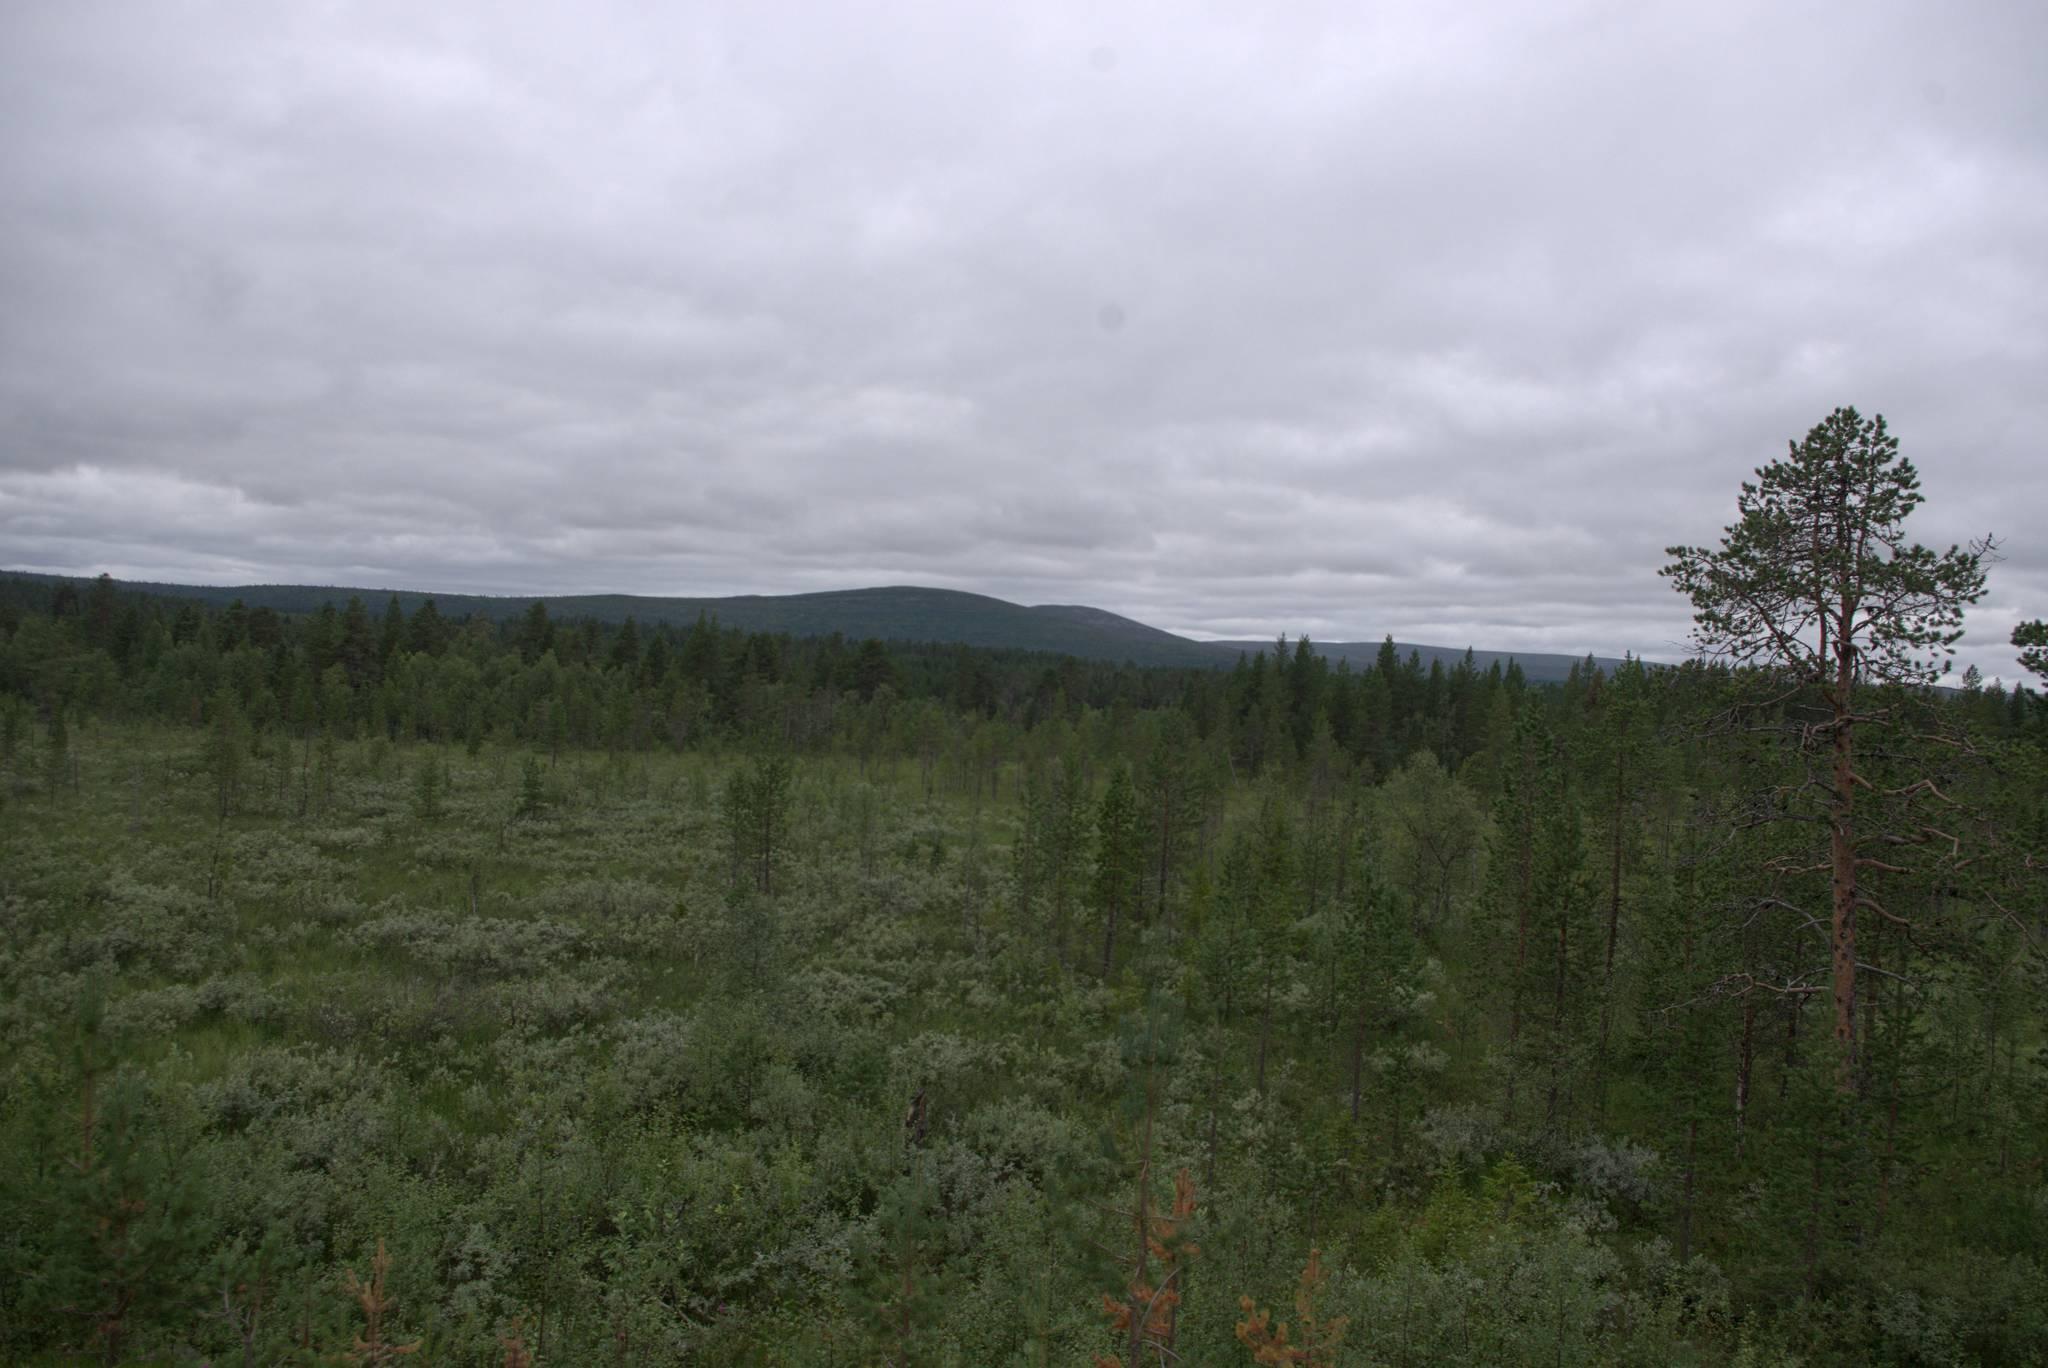 w oddali pagórki parku narodowego Pallas-Yllas oraz wysyp komarów.